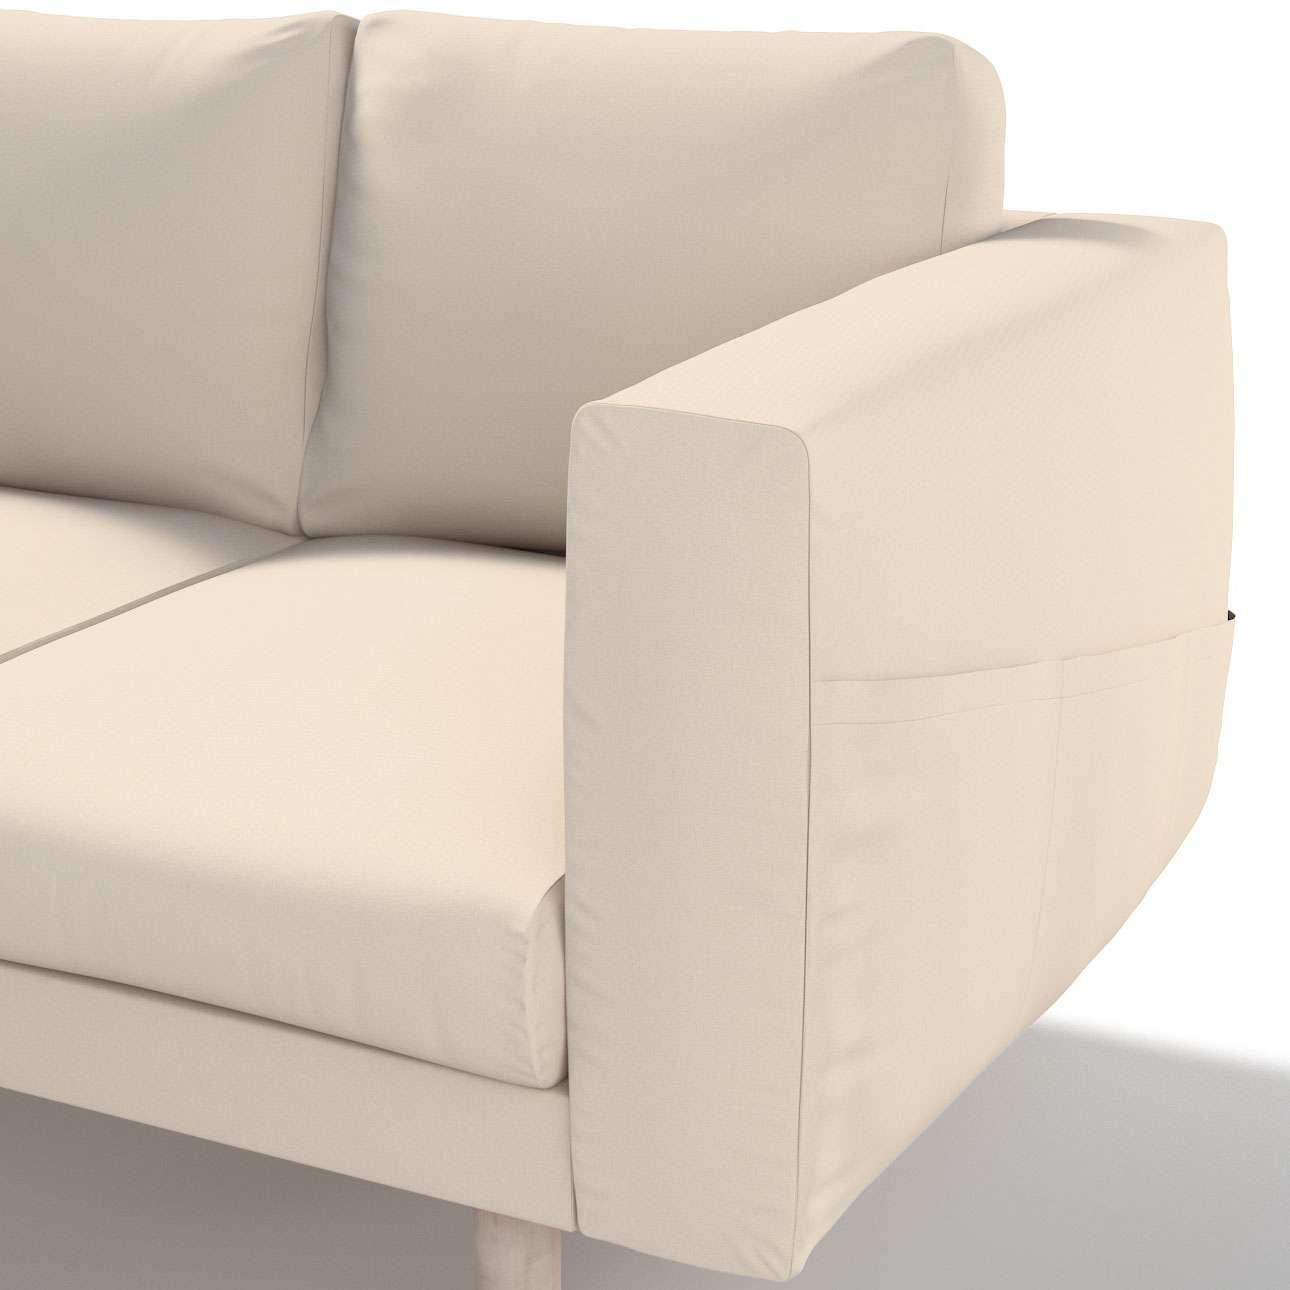 Pokrowiec na sofę Norsborg 3-osobową w kolekcji Etna, tkanina: 705-01